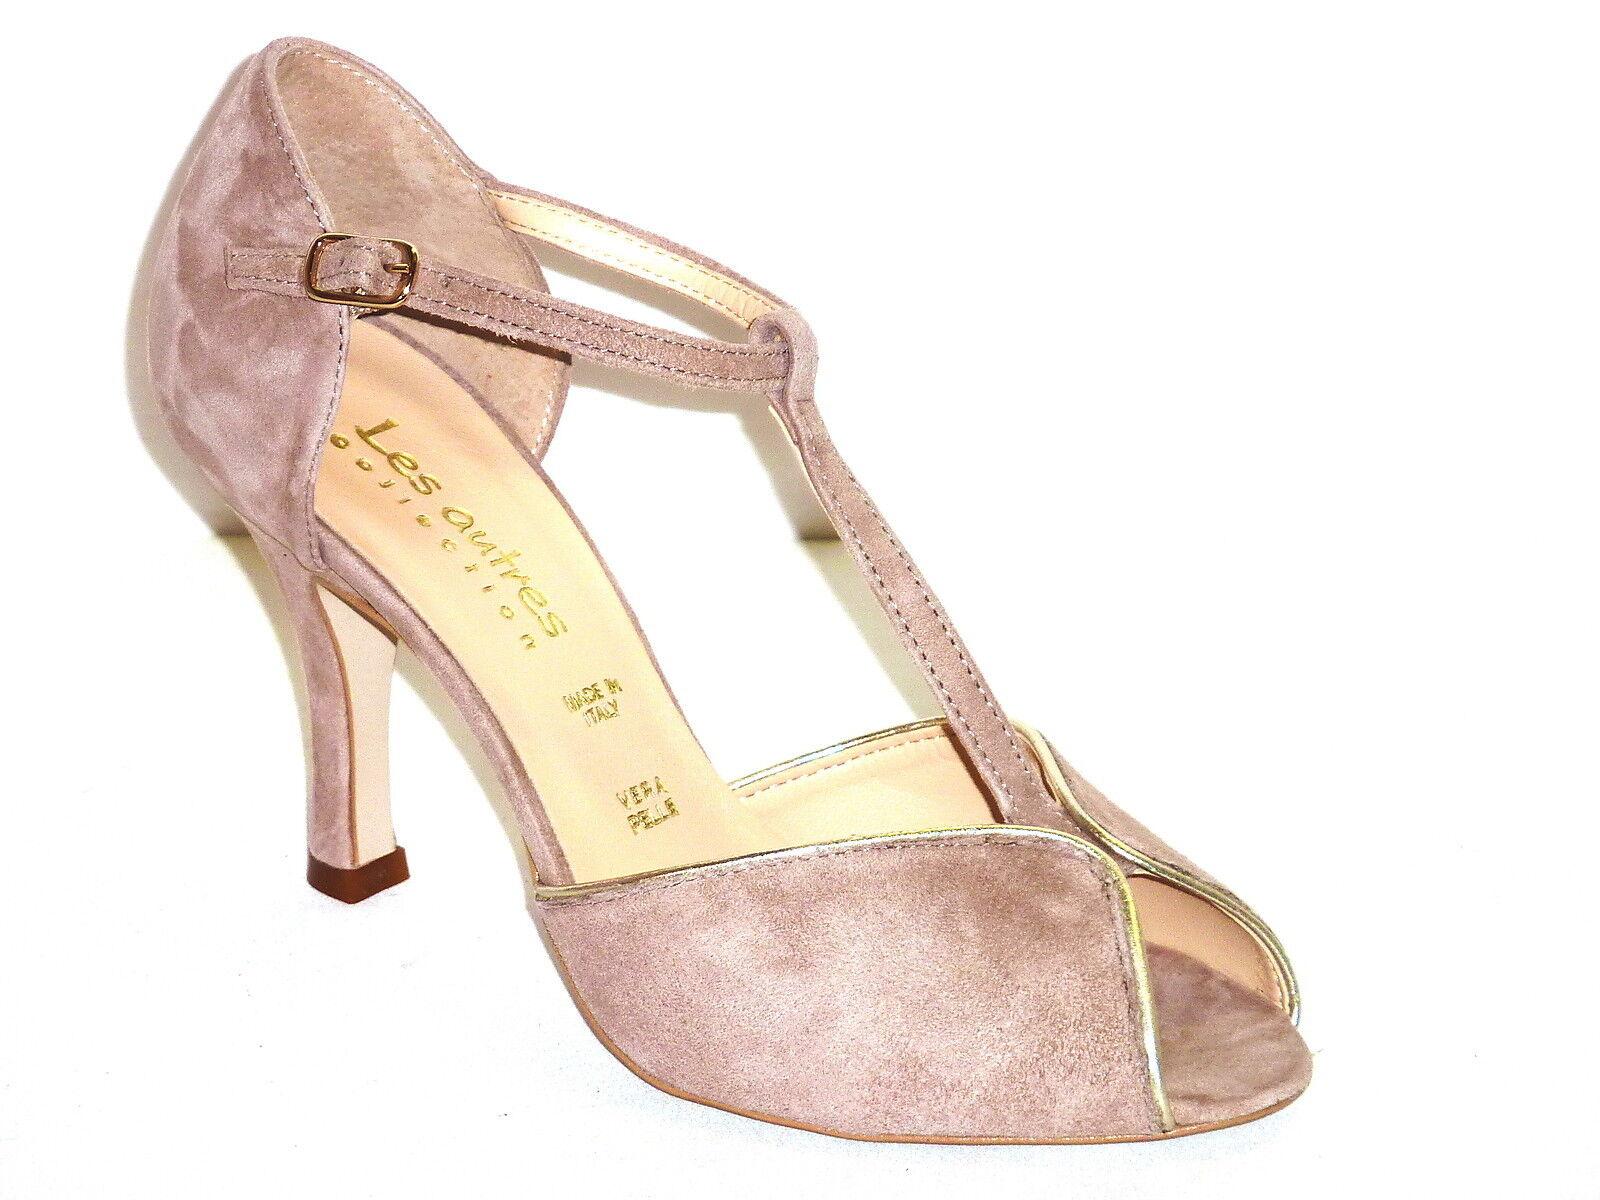 SANDALI mujer PELLE NABUK TORTORA zapatos TRENDY ALLACCIATI ALLA CAVIGLIA  n. 36